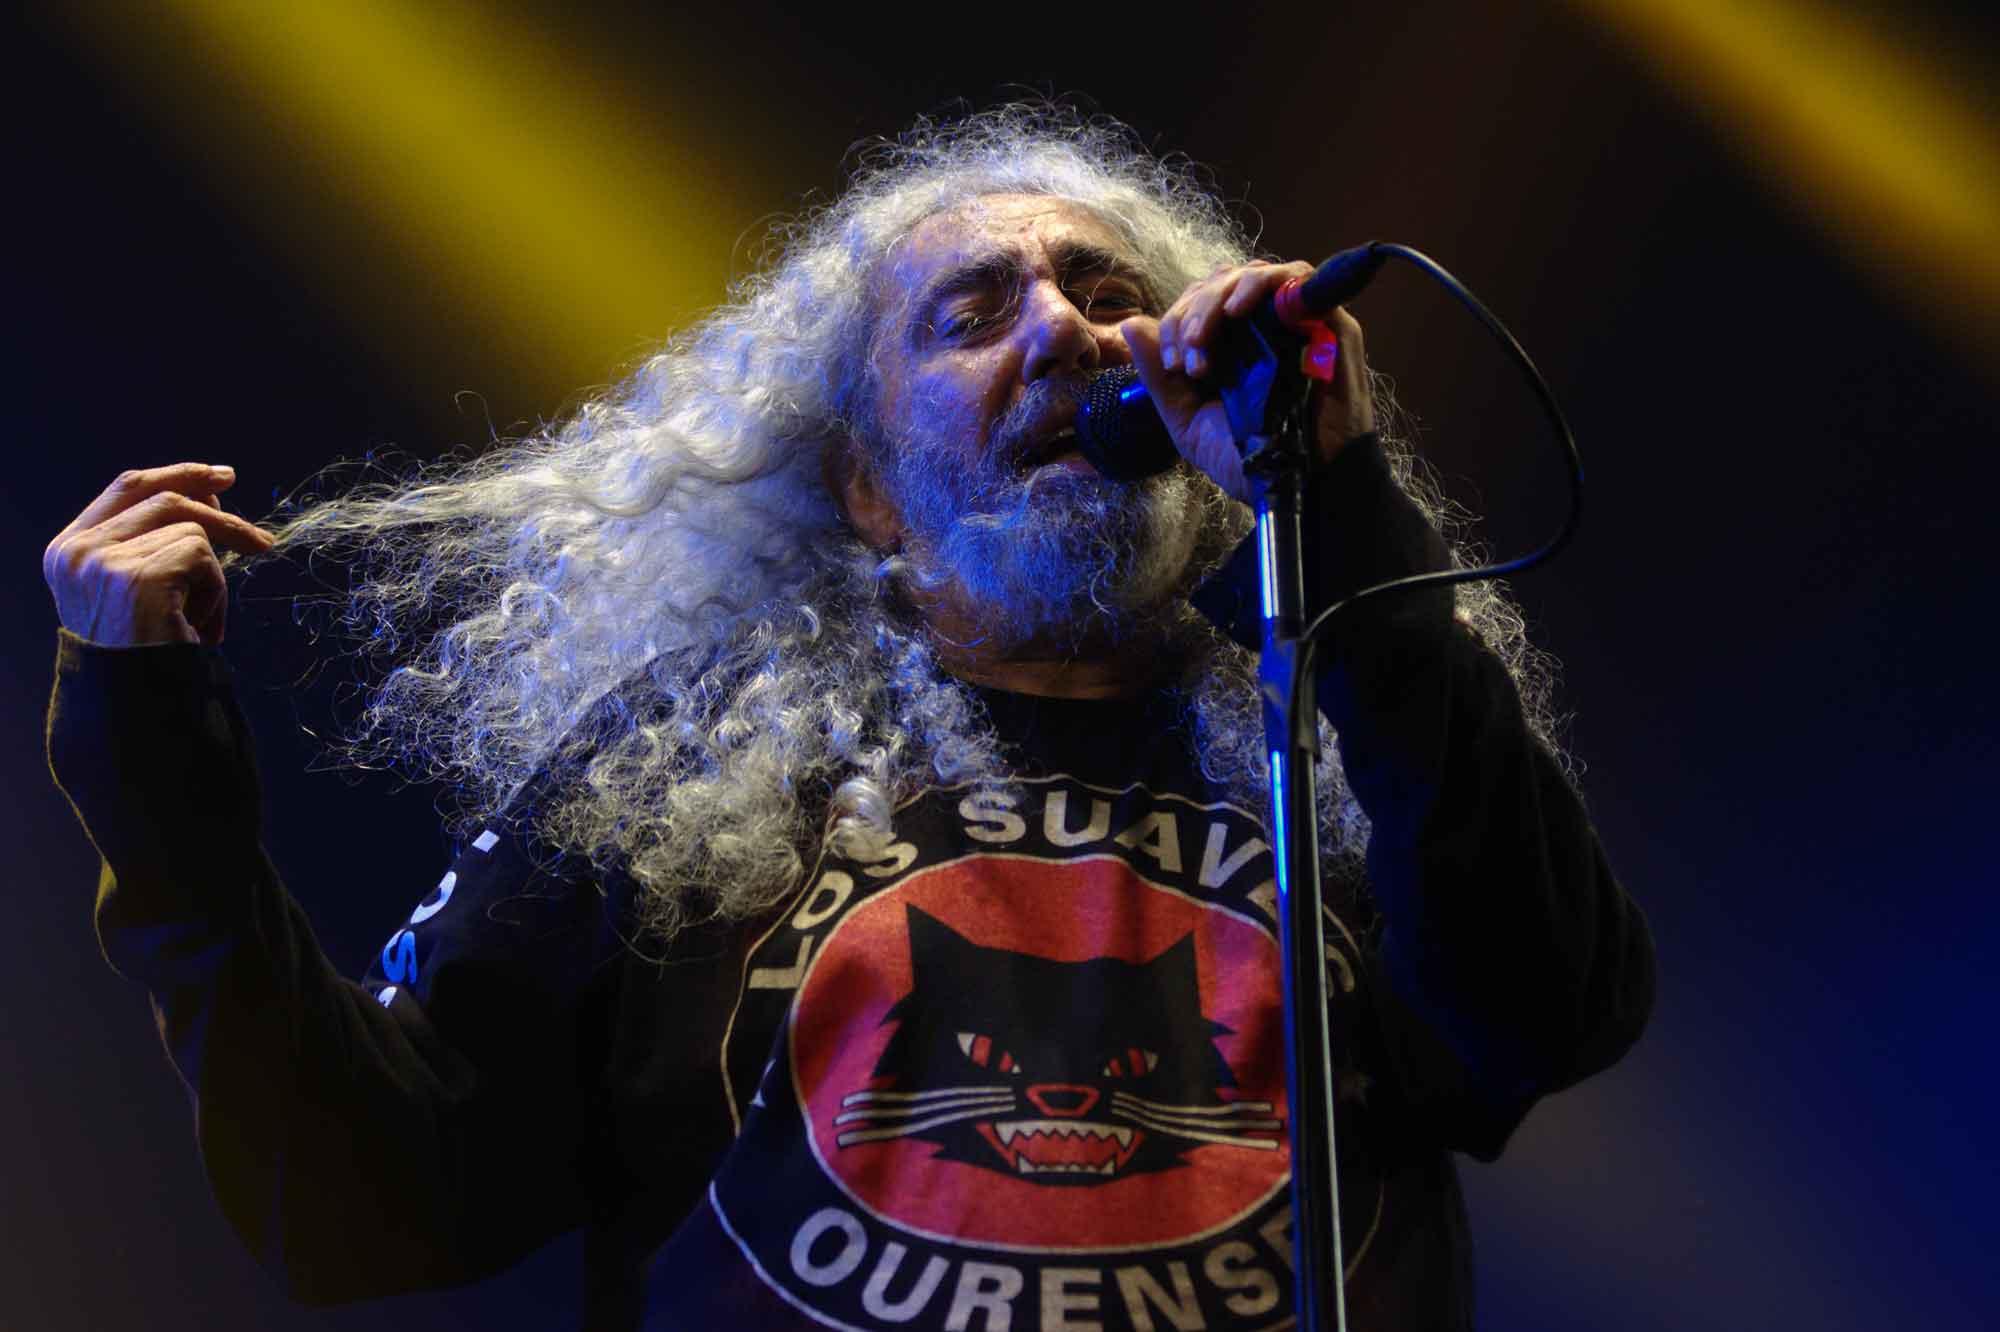 Fotografies d'una nit de rock'n'roll a L'Hospitalet: Loquillo, Los Suaves i Boni